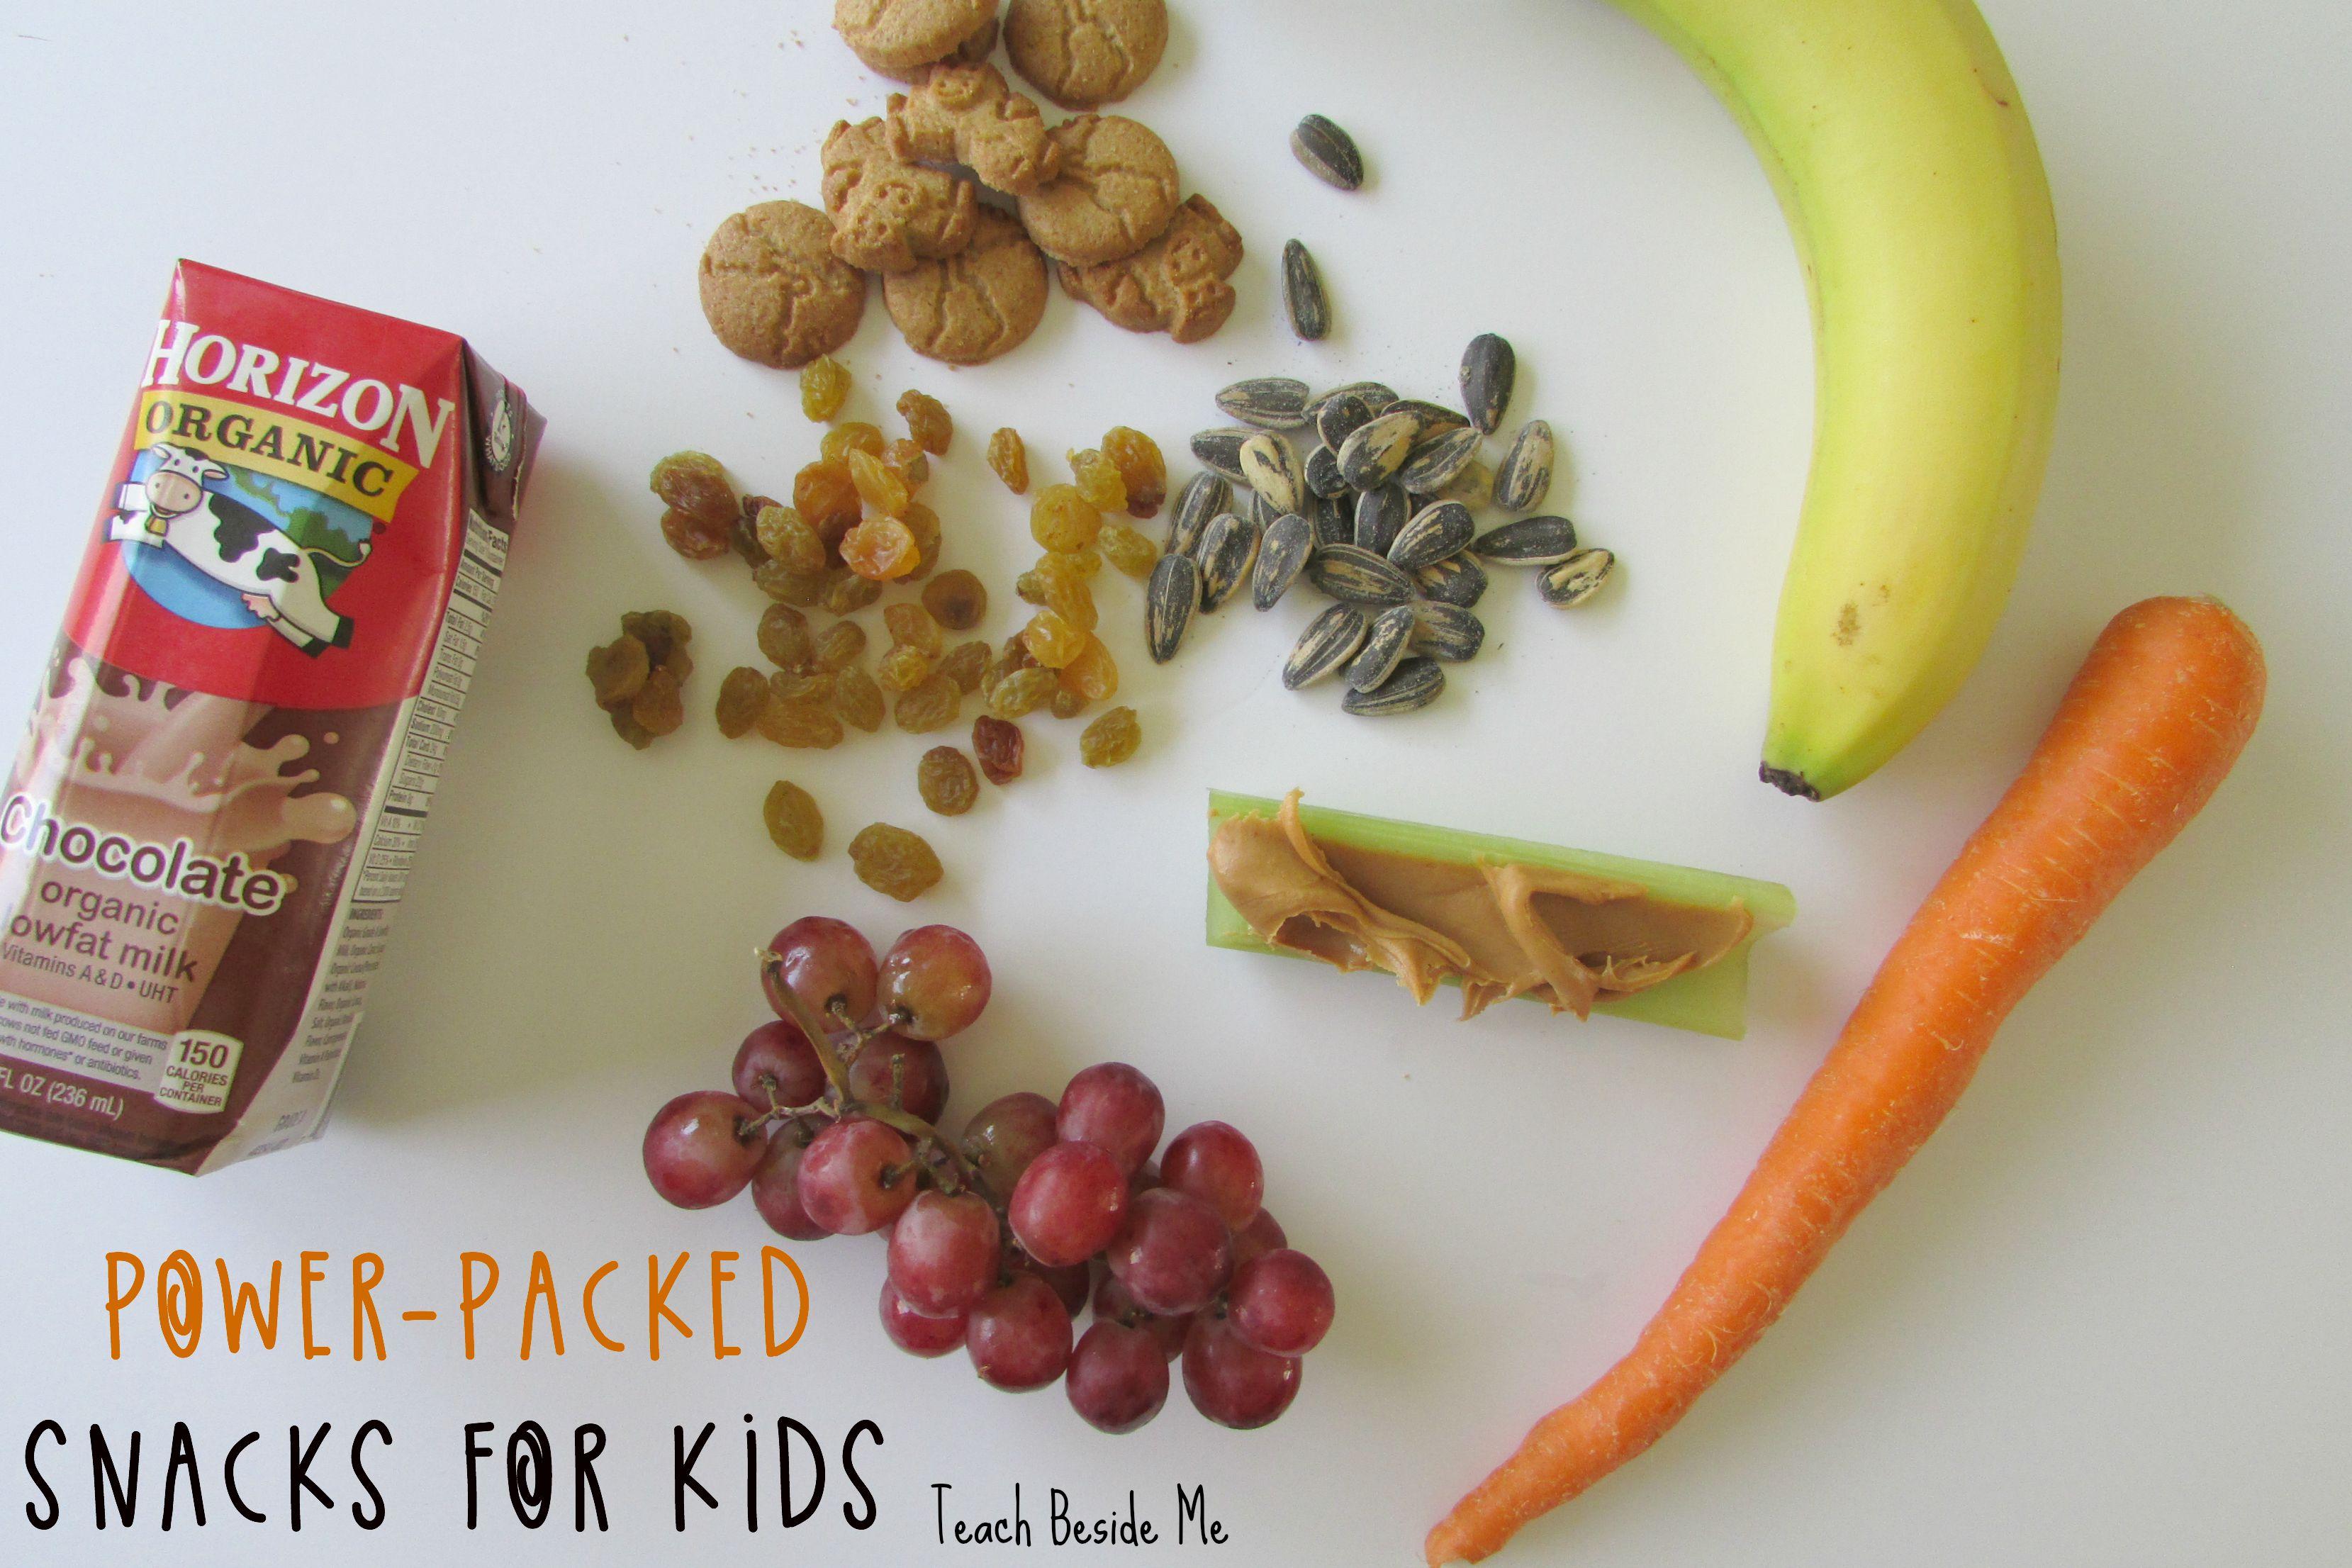 Power-Packed Snacks for Kids